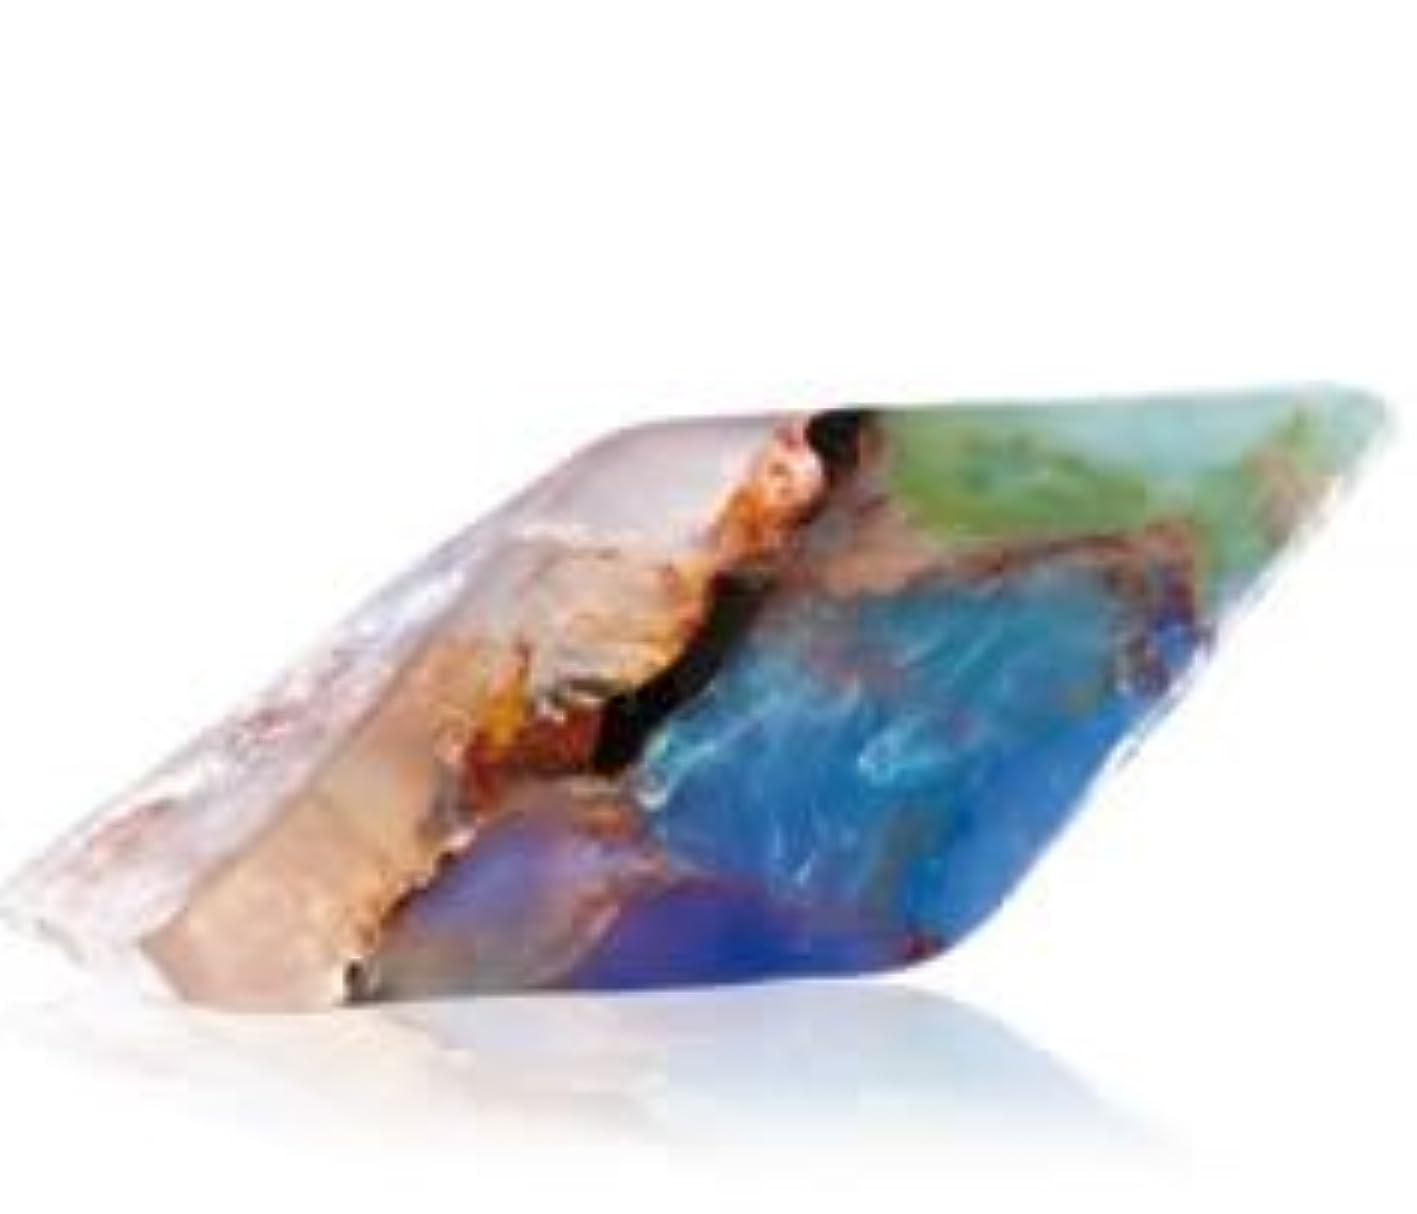 実行あなたのものぼかすSavons Gemme サボンジェム 世界で一番美しい宝石石鹸 フレグランスソープ ブラックオパール 170g